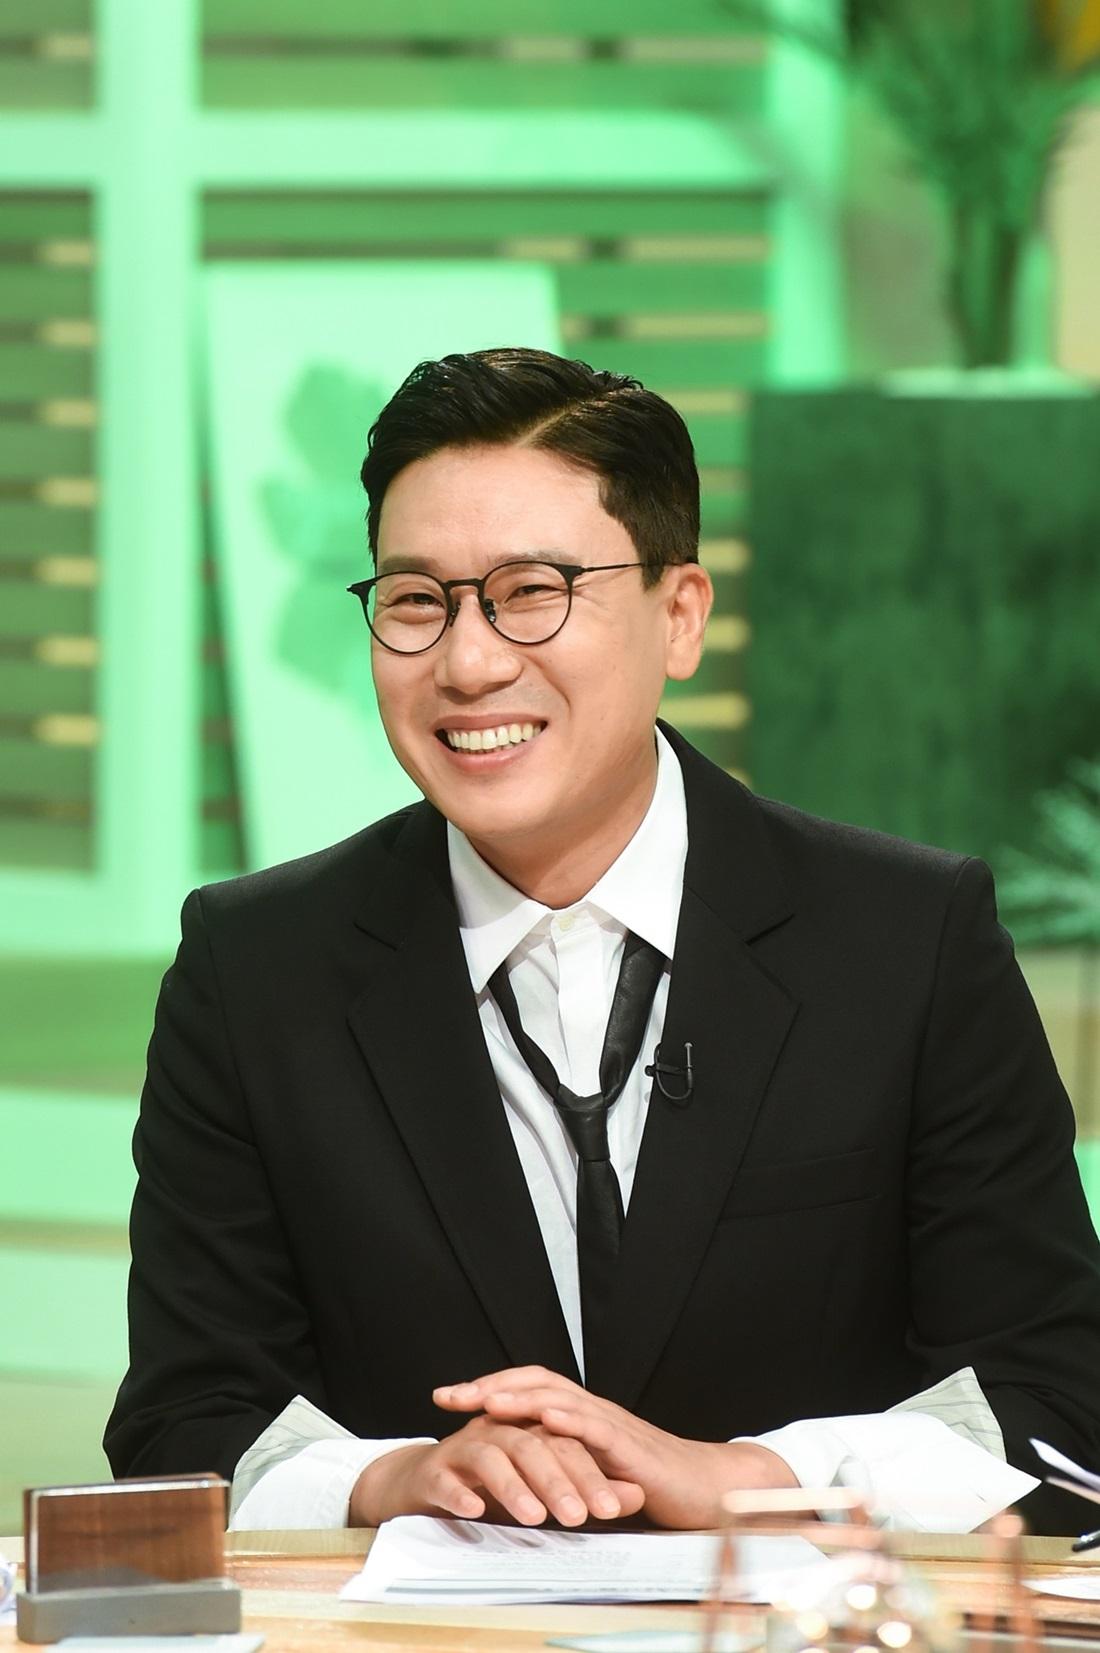 이상민, 강다니엘-박보검 제치고 9월 남자 광고모델 브랜드평판 1위!